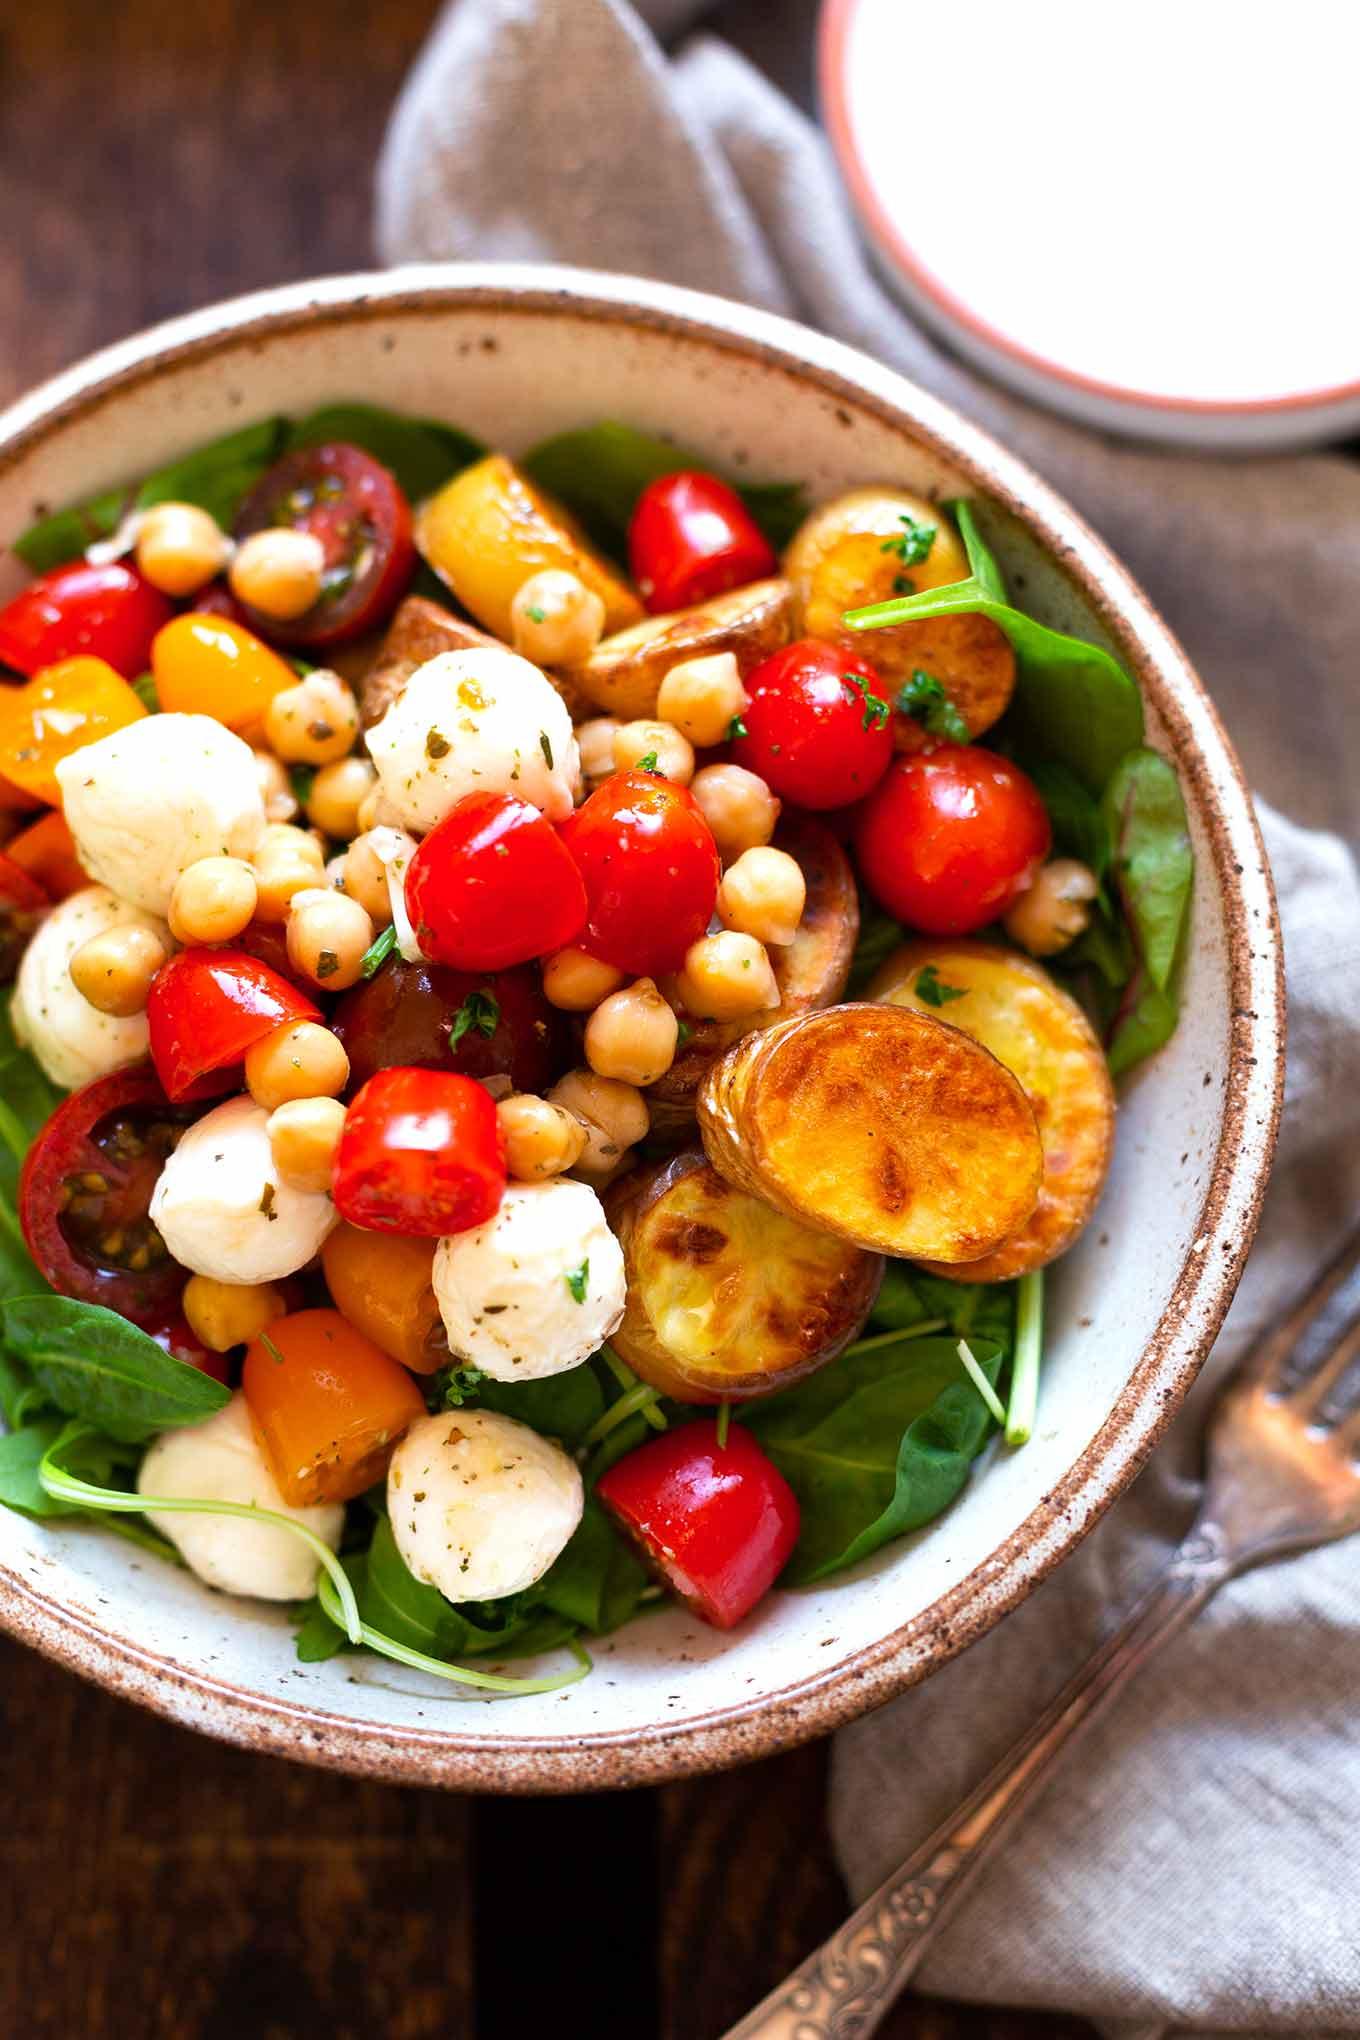 Kartoffel Kichererbsen Power Bowl mit bunten Tomaten. Dieses schnelle, gesunde Rezept ist super lecker und Meal Prep-geeignet! Kochkarussell Foodblog #mealprep #powerbowl #kochkarussell